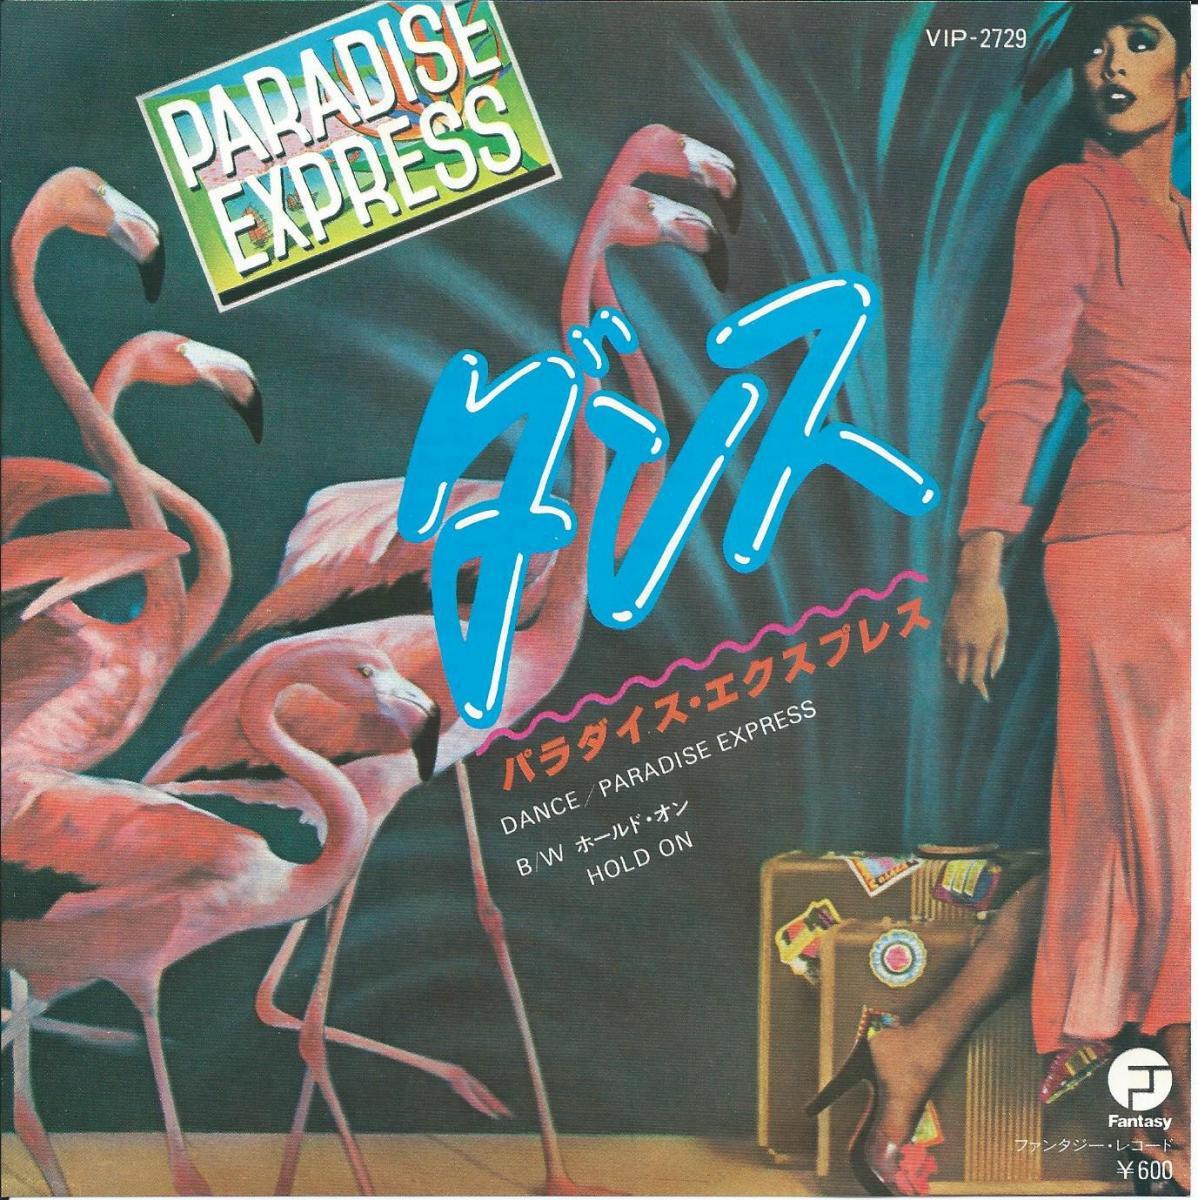 PARADISE EXPRESS パラダイス・エクスプレス / DANCE ダンス (7